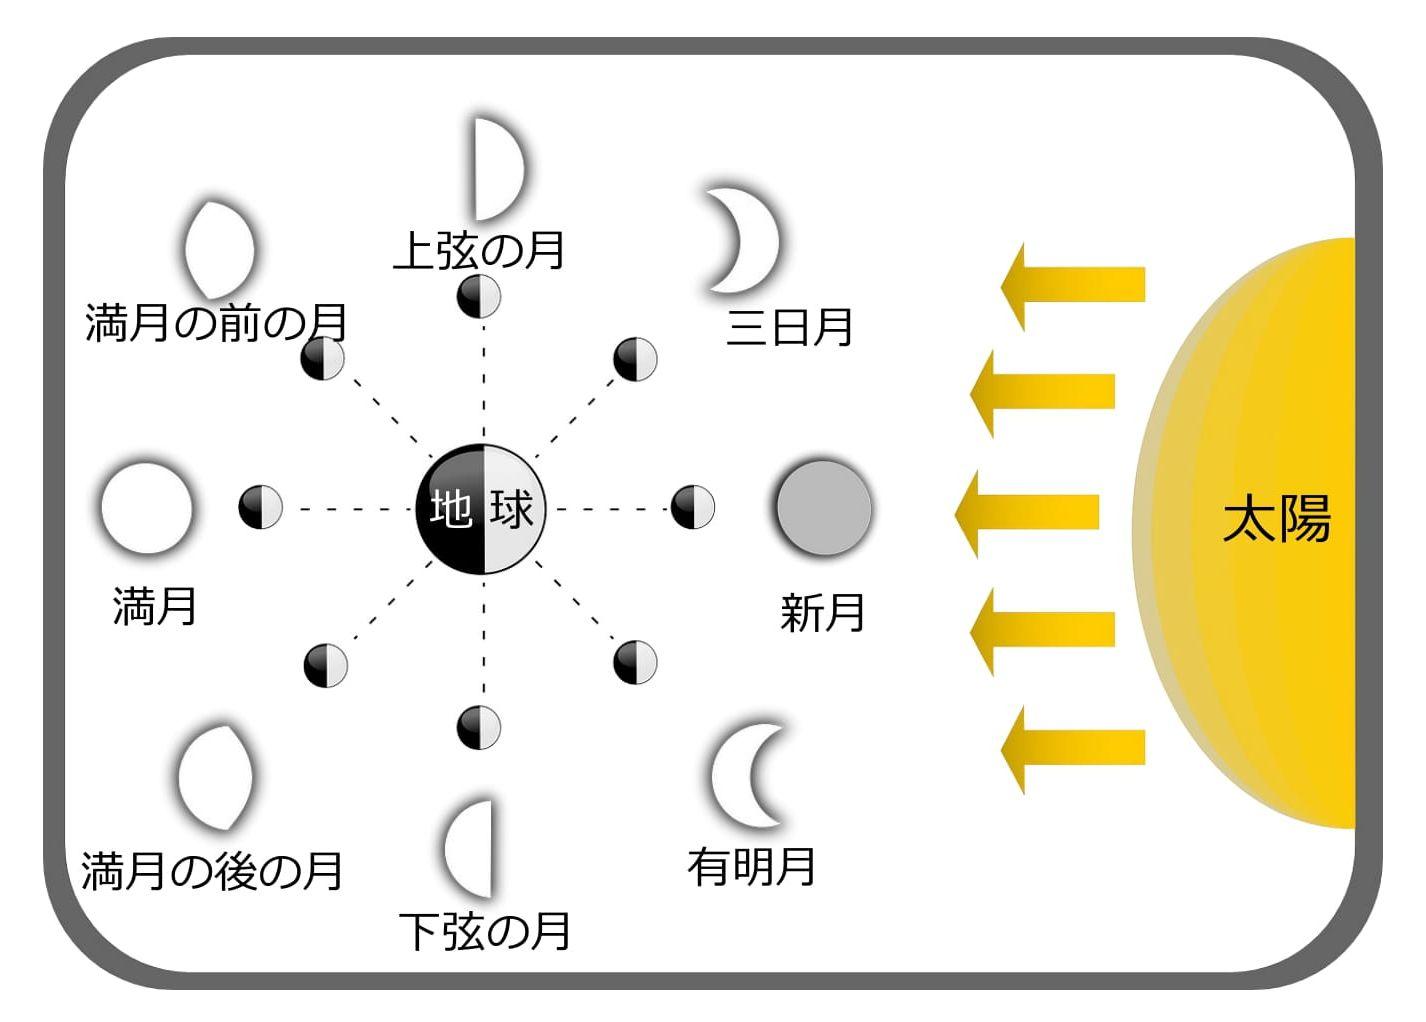 月の満ち欠け解説図